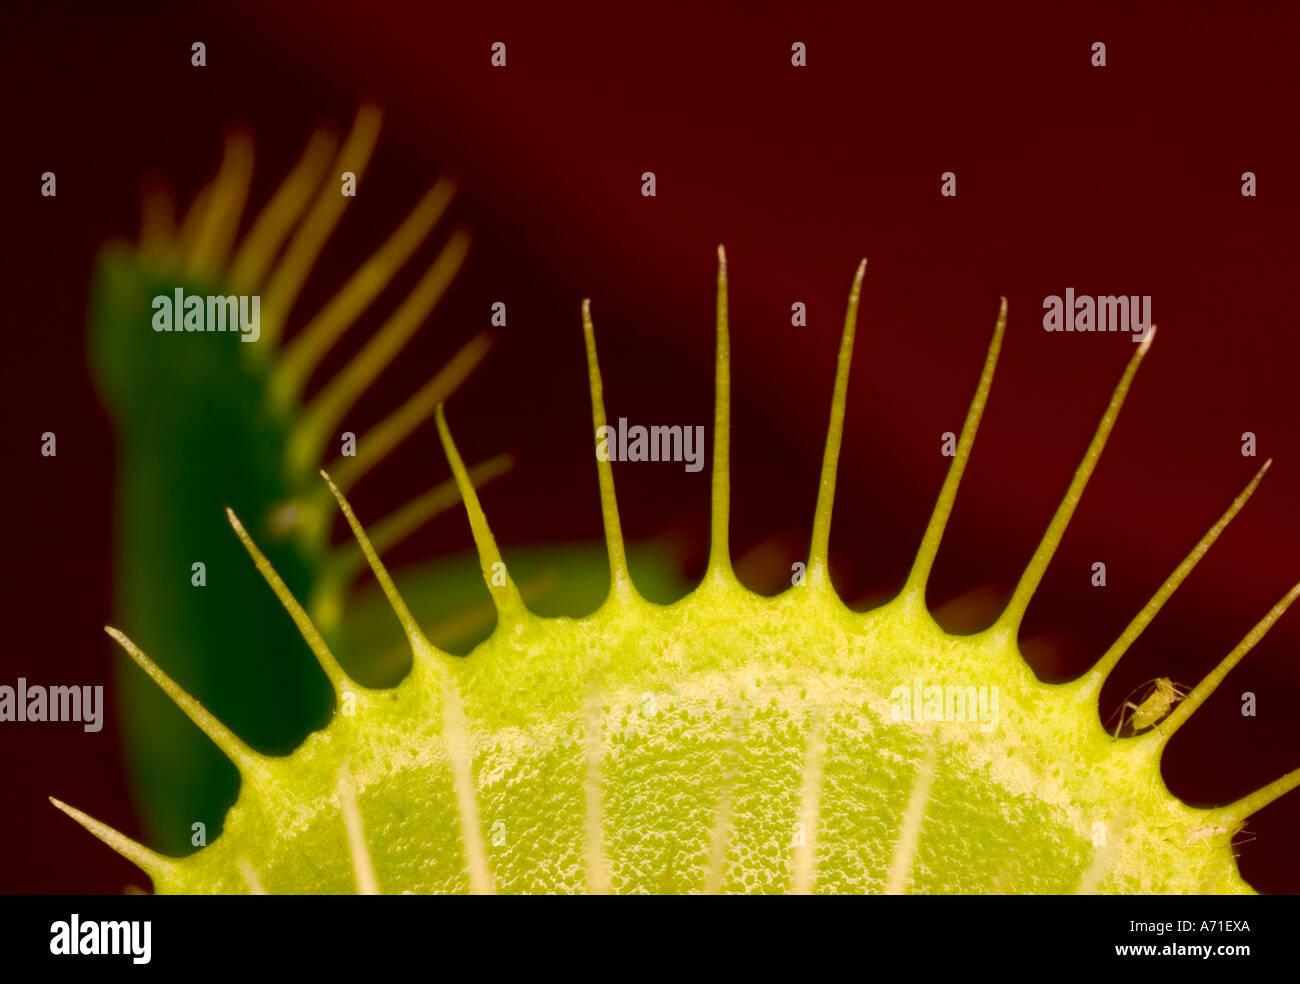 Resumen de cierre plano de una planta atrapamoscas. Imagen De Stock